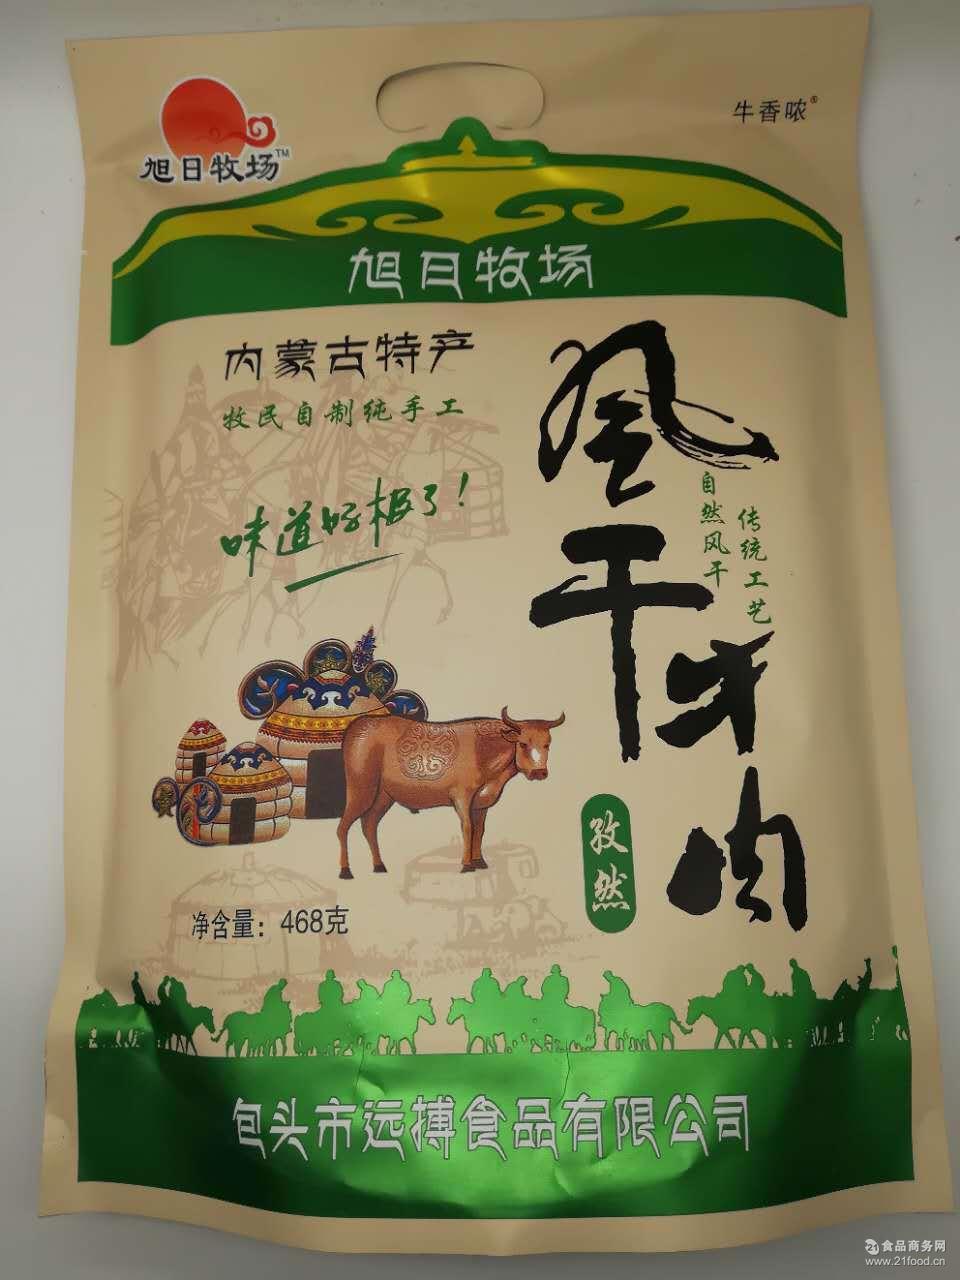 内蒙孜然味风干牛肉 产品批发销售 内蒙古特产